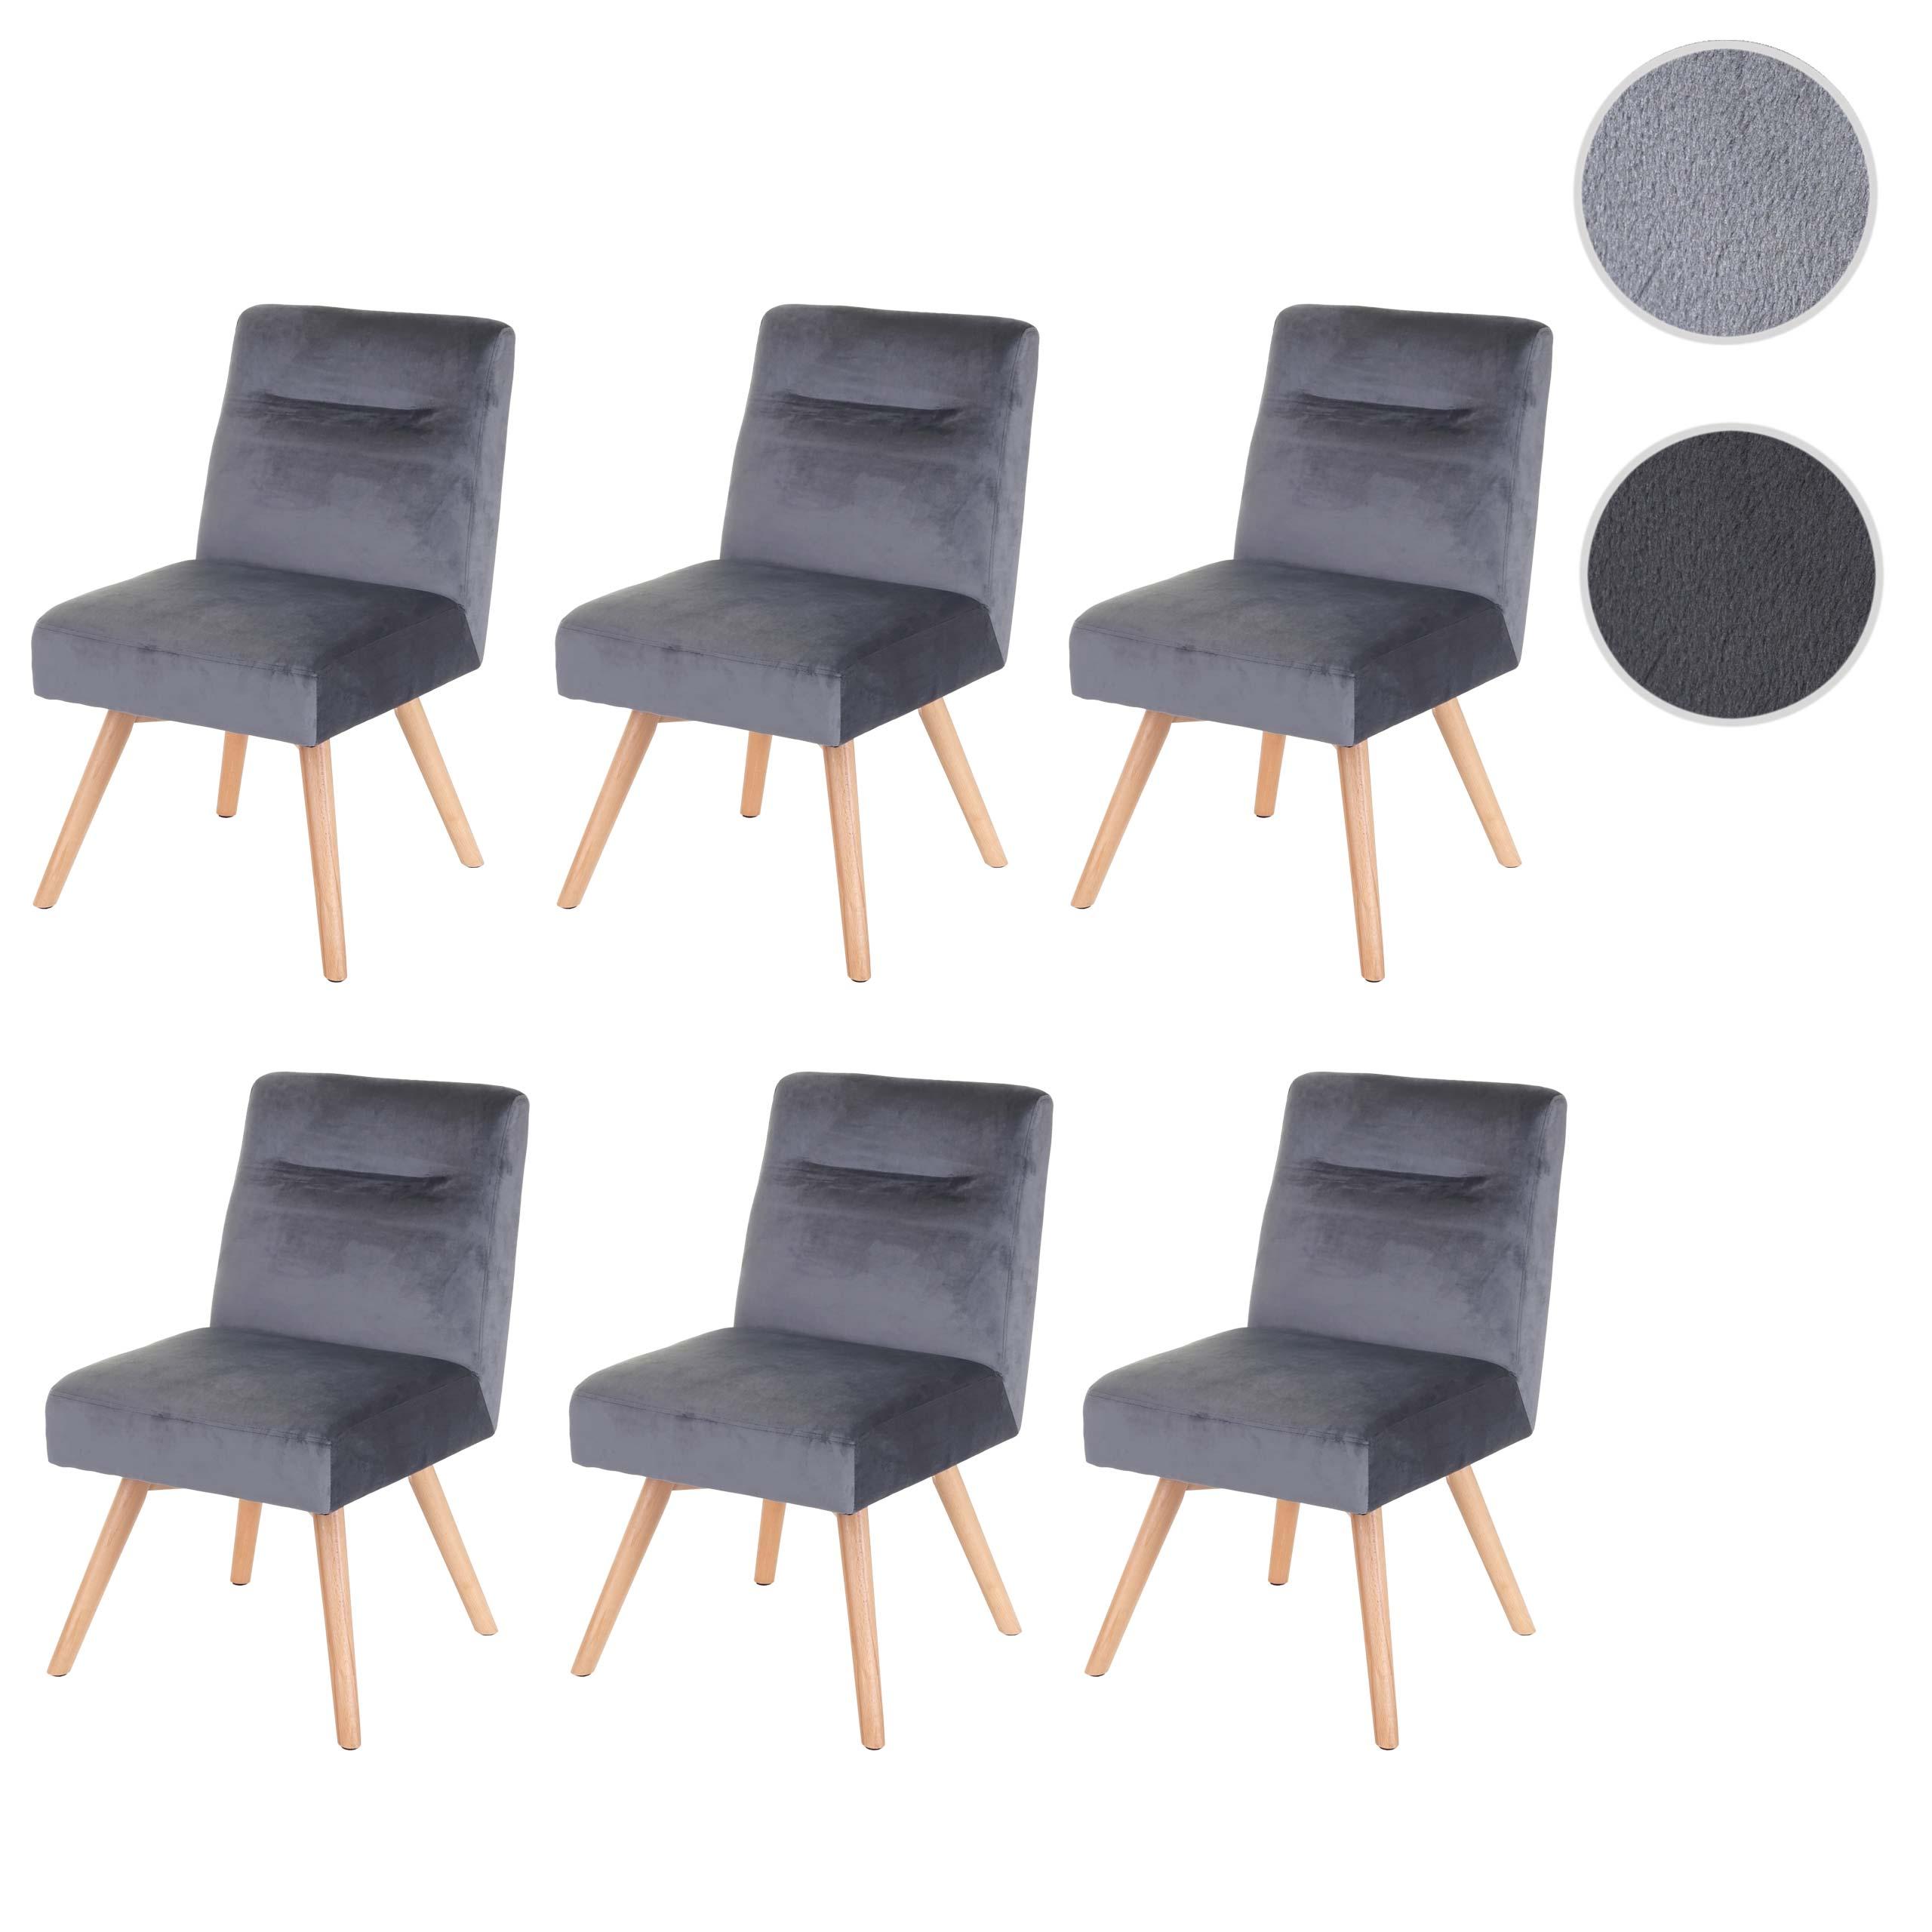 6x Esszimmerstuhl HWC F38, Stuhl Küchenstuhl, Retro Design Samt